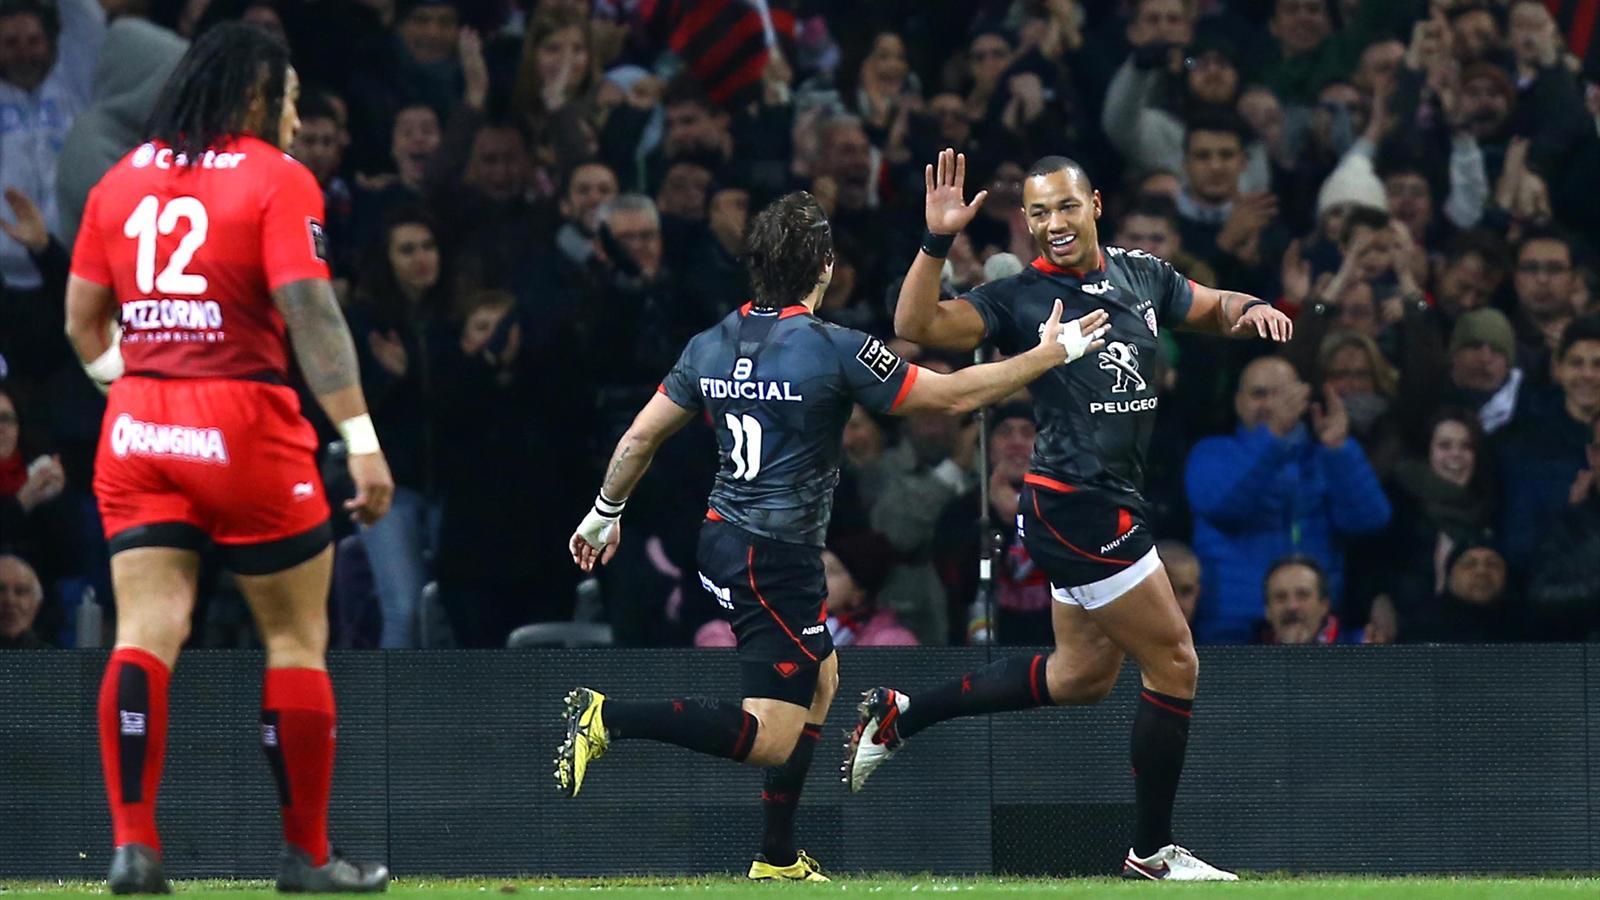 La joie de Gaël Fickou (Toulouse) après son essai face à Toulon - 27 décembre 2015